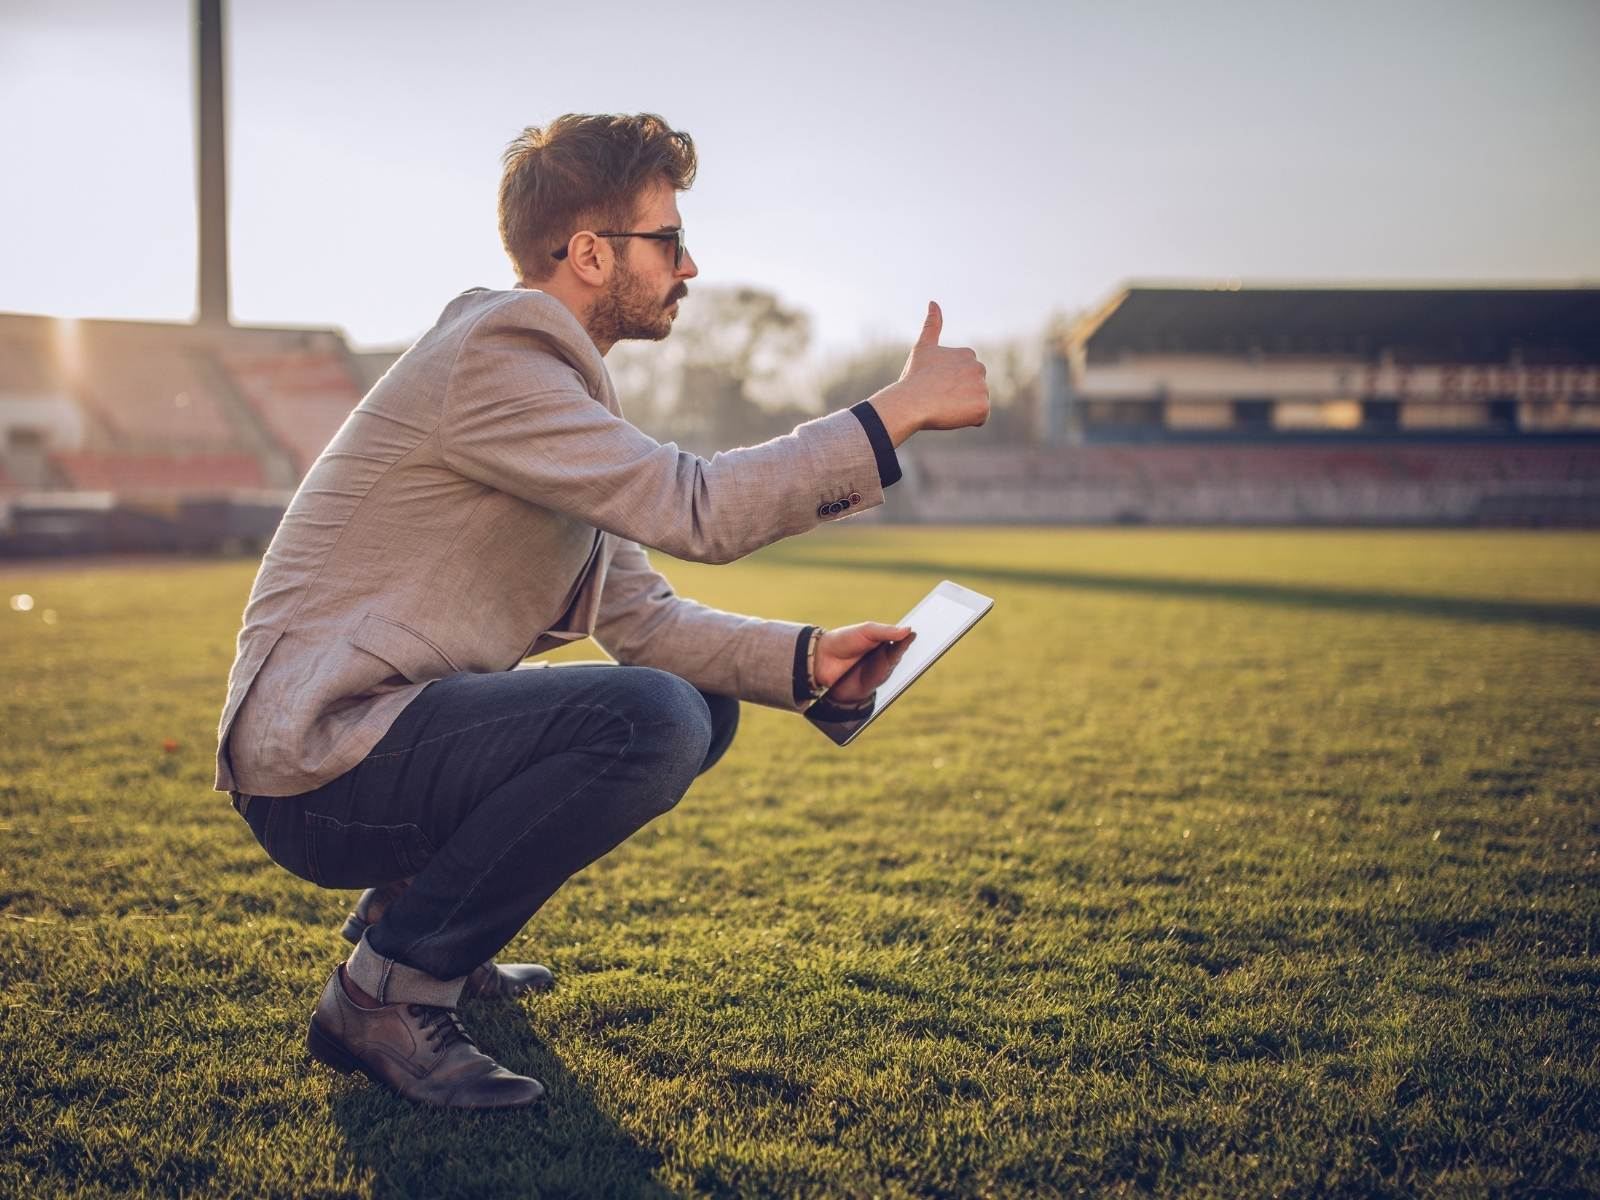 Estudiar gestió esportiva genera grans oportunitats de feina | Escola Universitària Formatic Barcelona